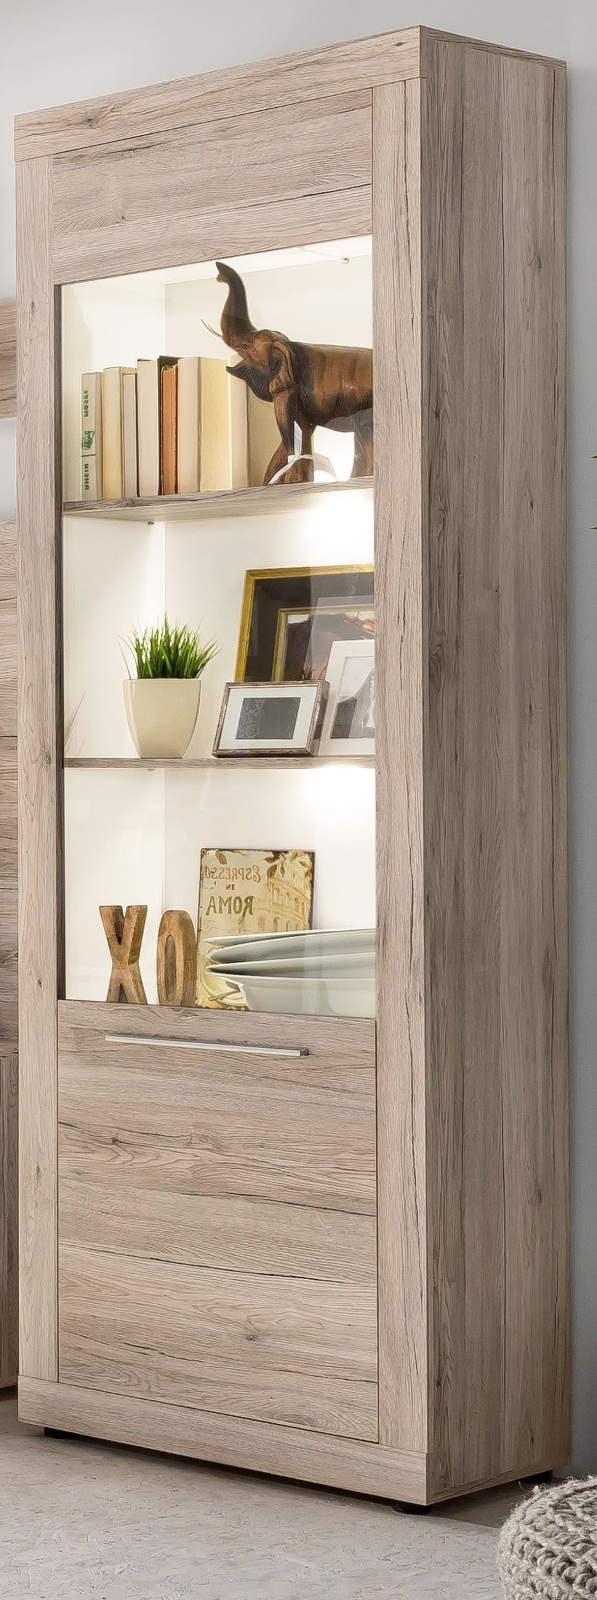 vitrine schrank sandeiche wei stauraumvitrine wohnzimmer esszimmer m bel passat ebay. Black Bedroom Furniture Sets. Home Design Ideas